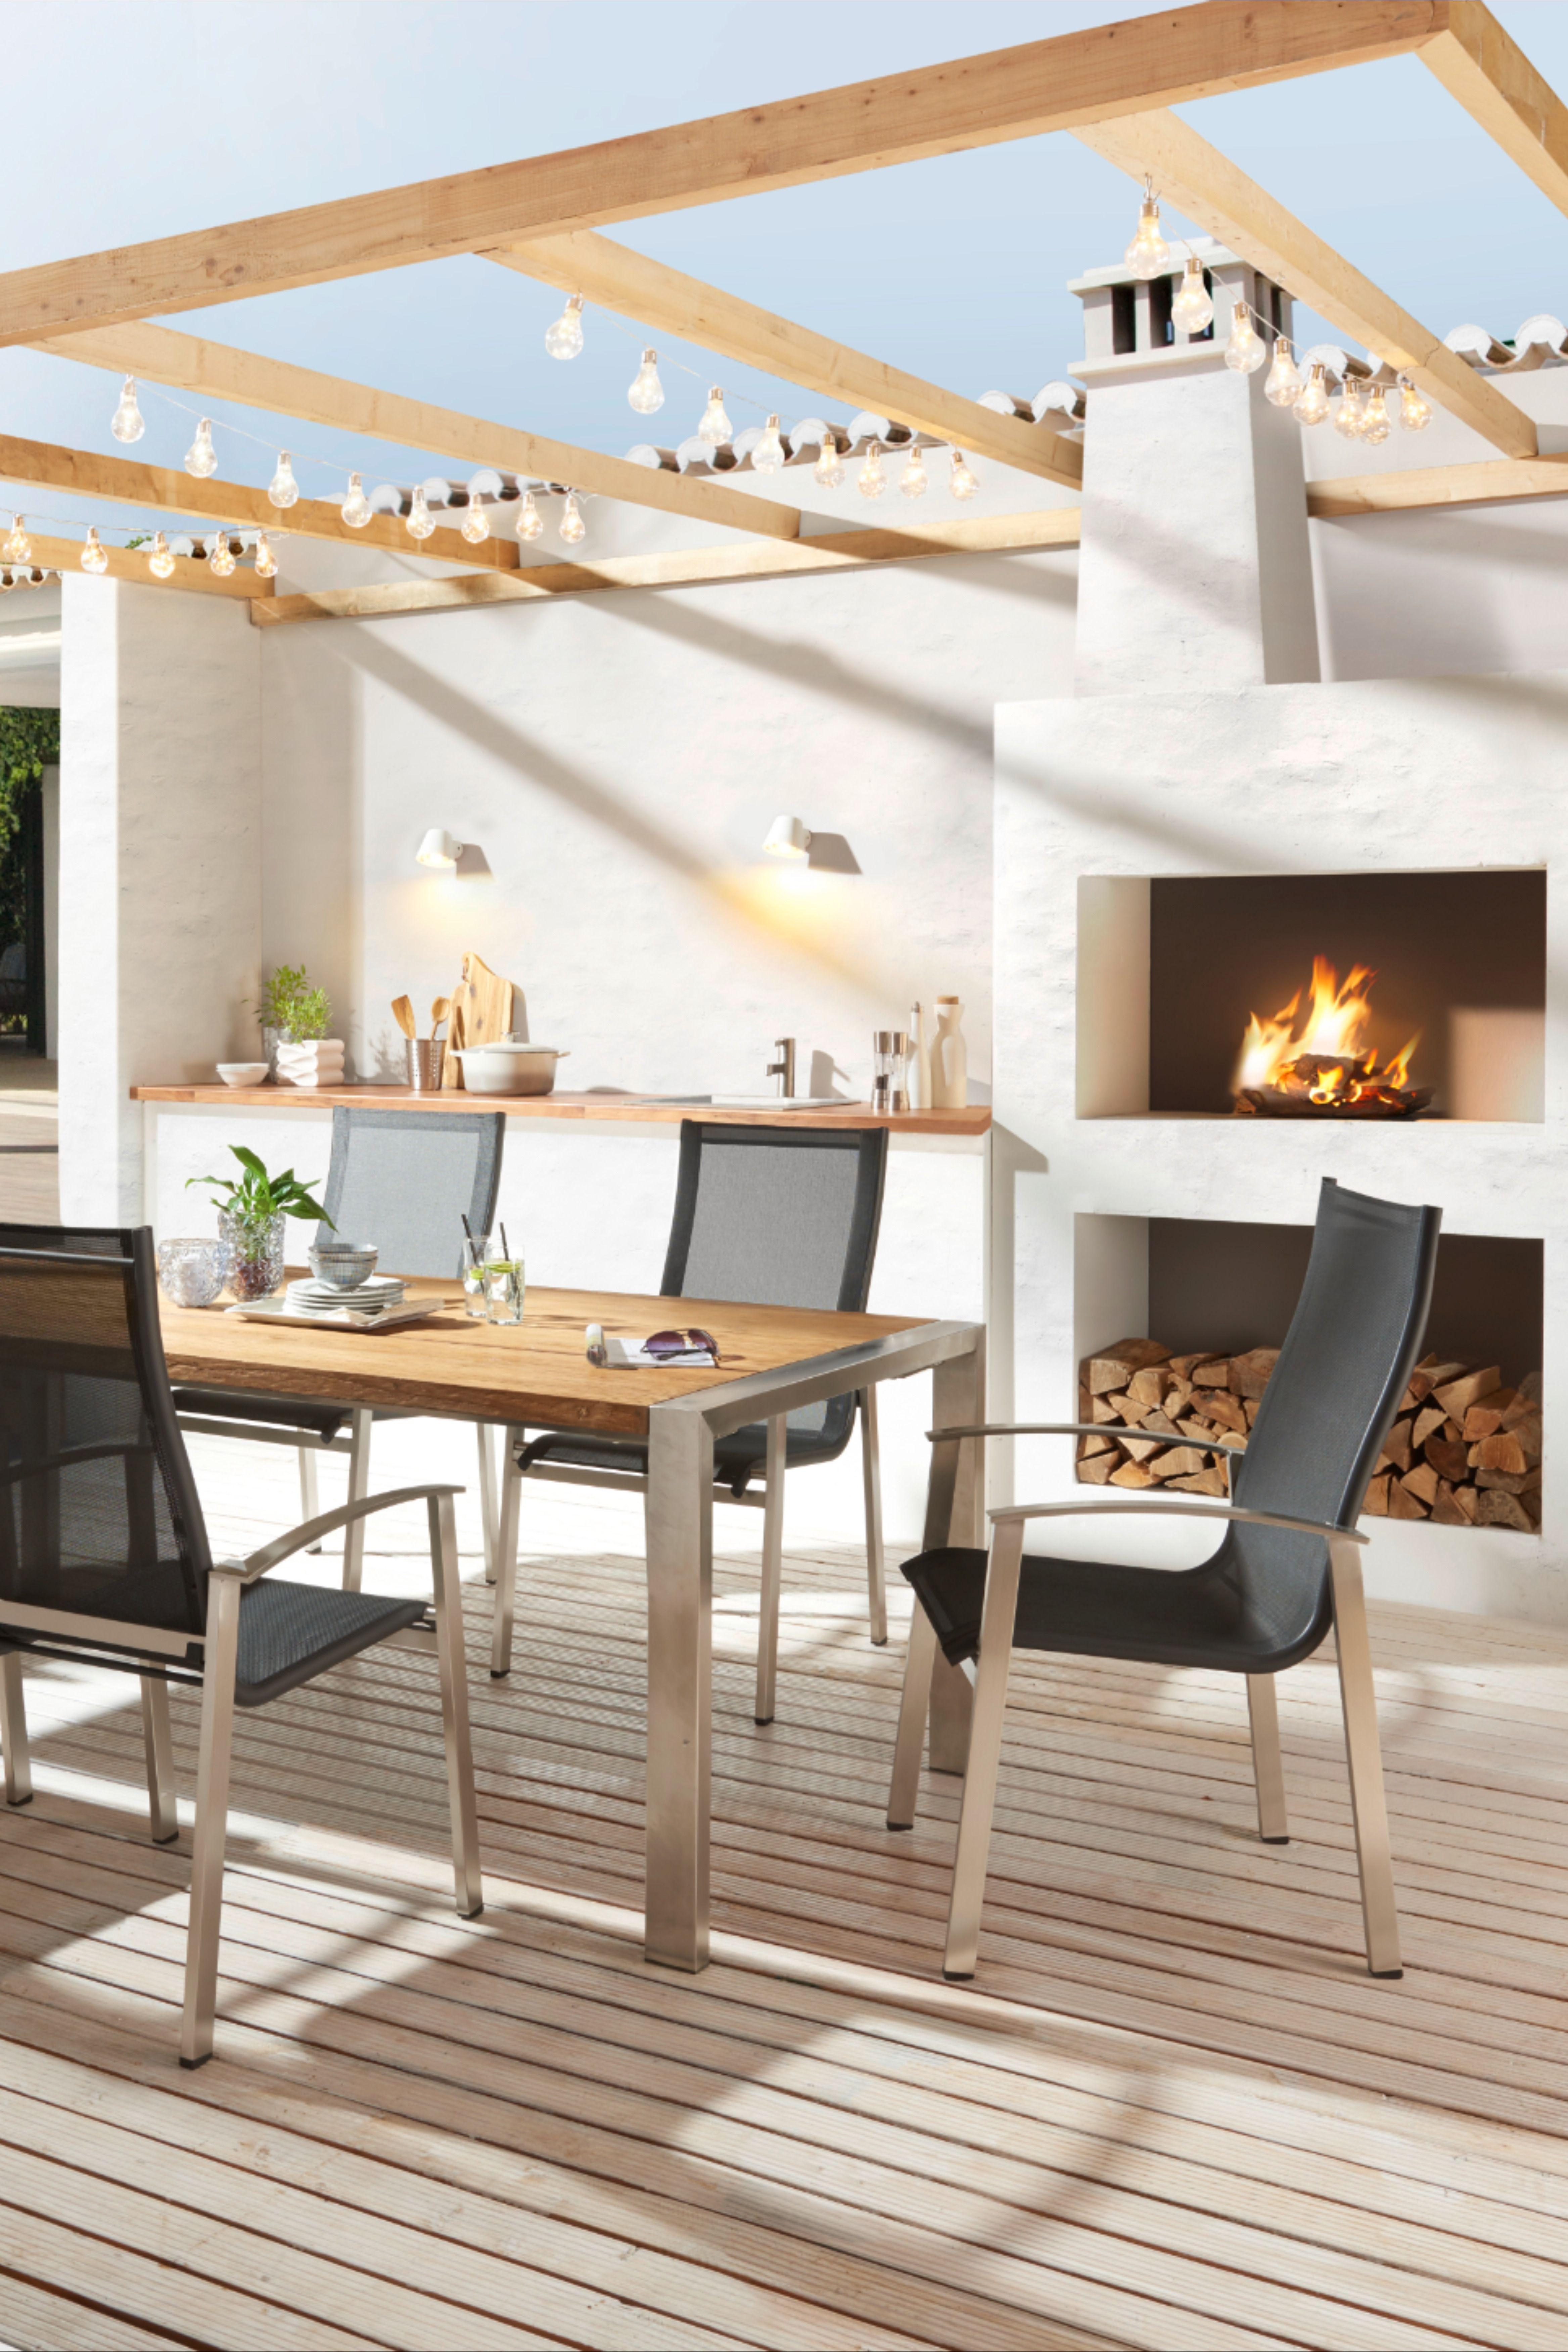 Gartentisch Holz Metall Edelstahlfarben Teakfarben Jetzt Nur Online Xxxlutz In 2021 Gartentisch Holz Gartentisch Holz Metall Teak